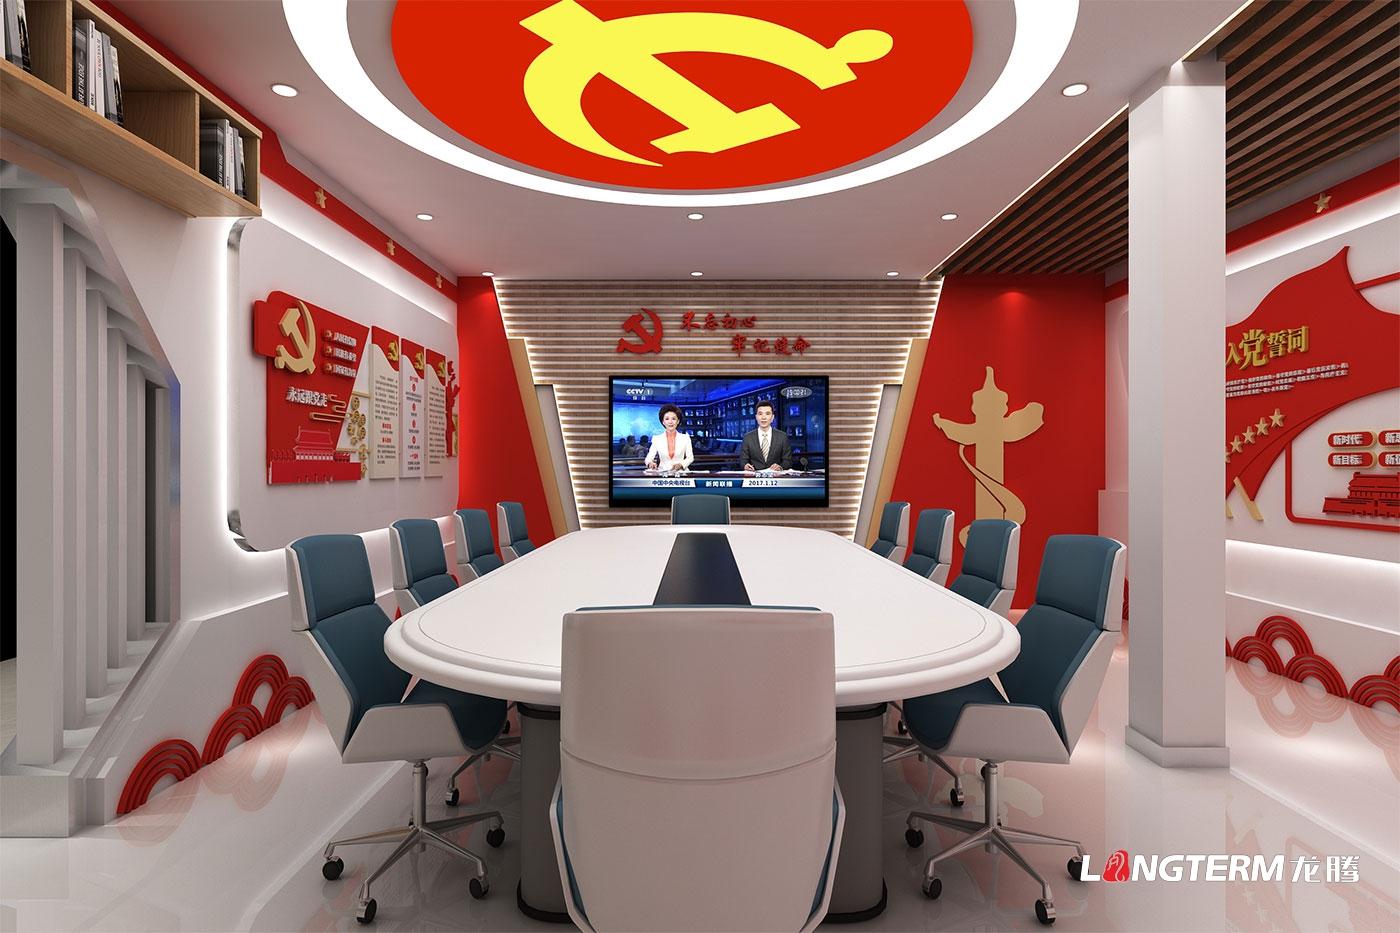 四川新豪道路工程有限公司党建室及企业文化建设